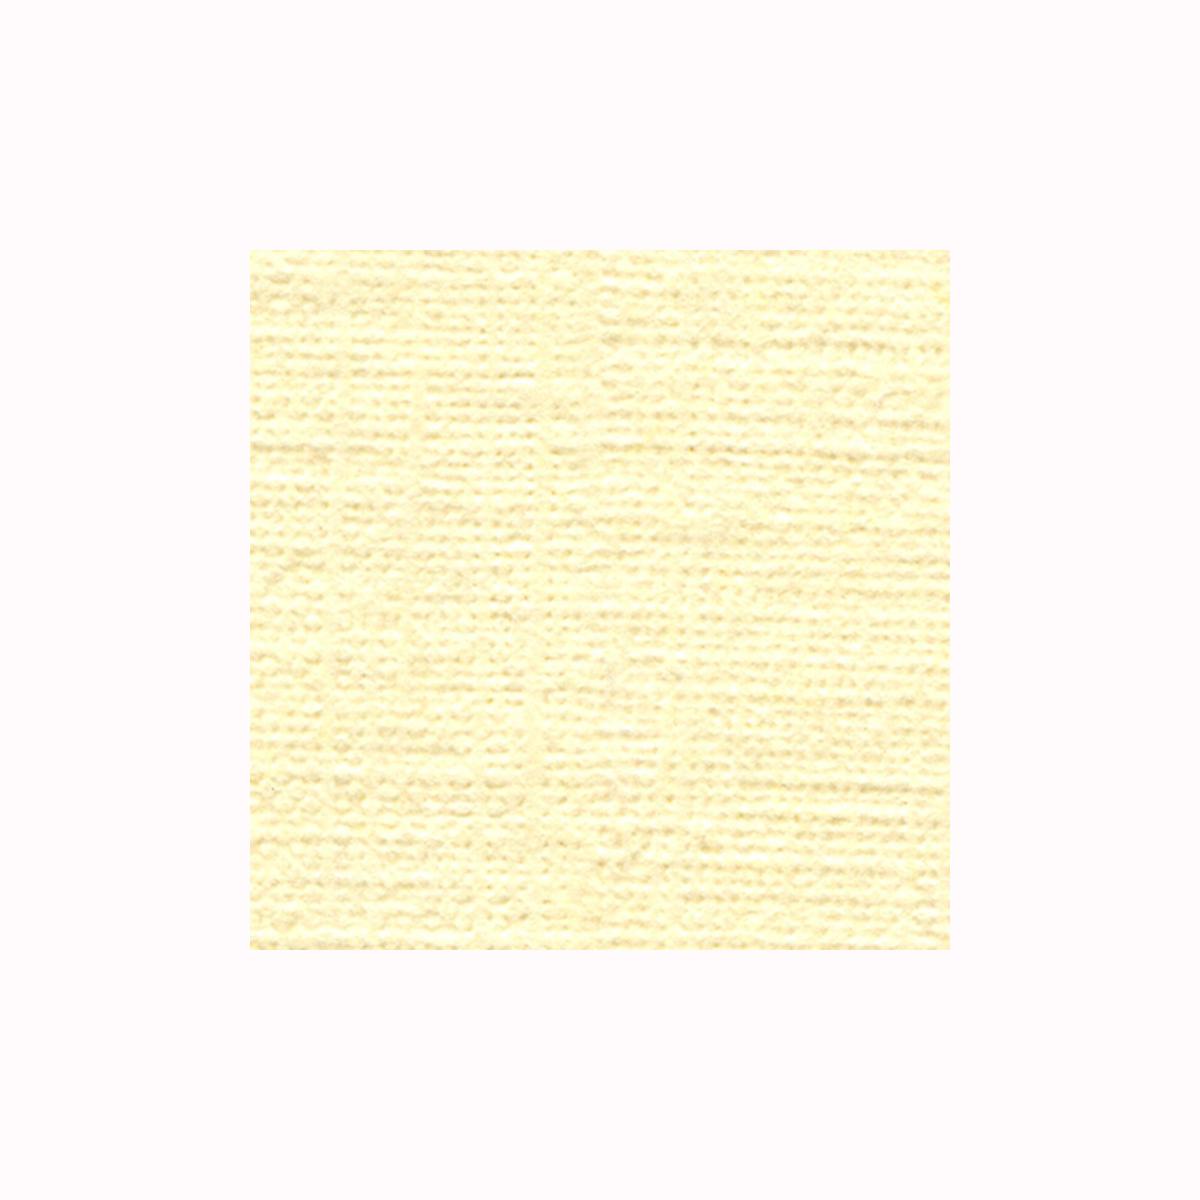 Бумага фактурная Лоза Лен, цвет: слоновая кость, 3 листа. 582216582216Фактурная бумага для скрапбукинга Лоза Лен позволит создать красивый альбом, фоторамку или открытку ручной работы, оформить подарок или аппликацию. Набор включает в себя 3 листа из плотной бумаги.Скрапбукинг - это хобби, которое способно приносить массу приятных эмоций не только человеку, который этим занимается, но и его близким, друзьям, родным. Это невероятно увлекательное занятие, которое поможет вам сохранить наиболее памятные и яркие моменты вашей жизни, а также интересно оформить интерьер дома. Плотность бумаги: 200 г/м2.